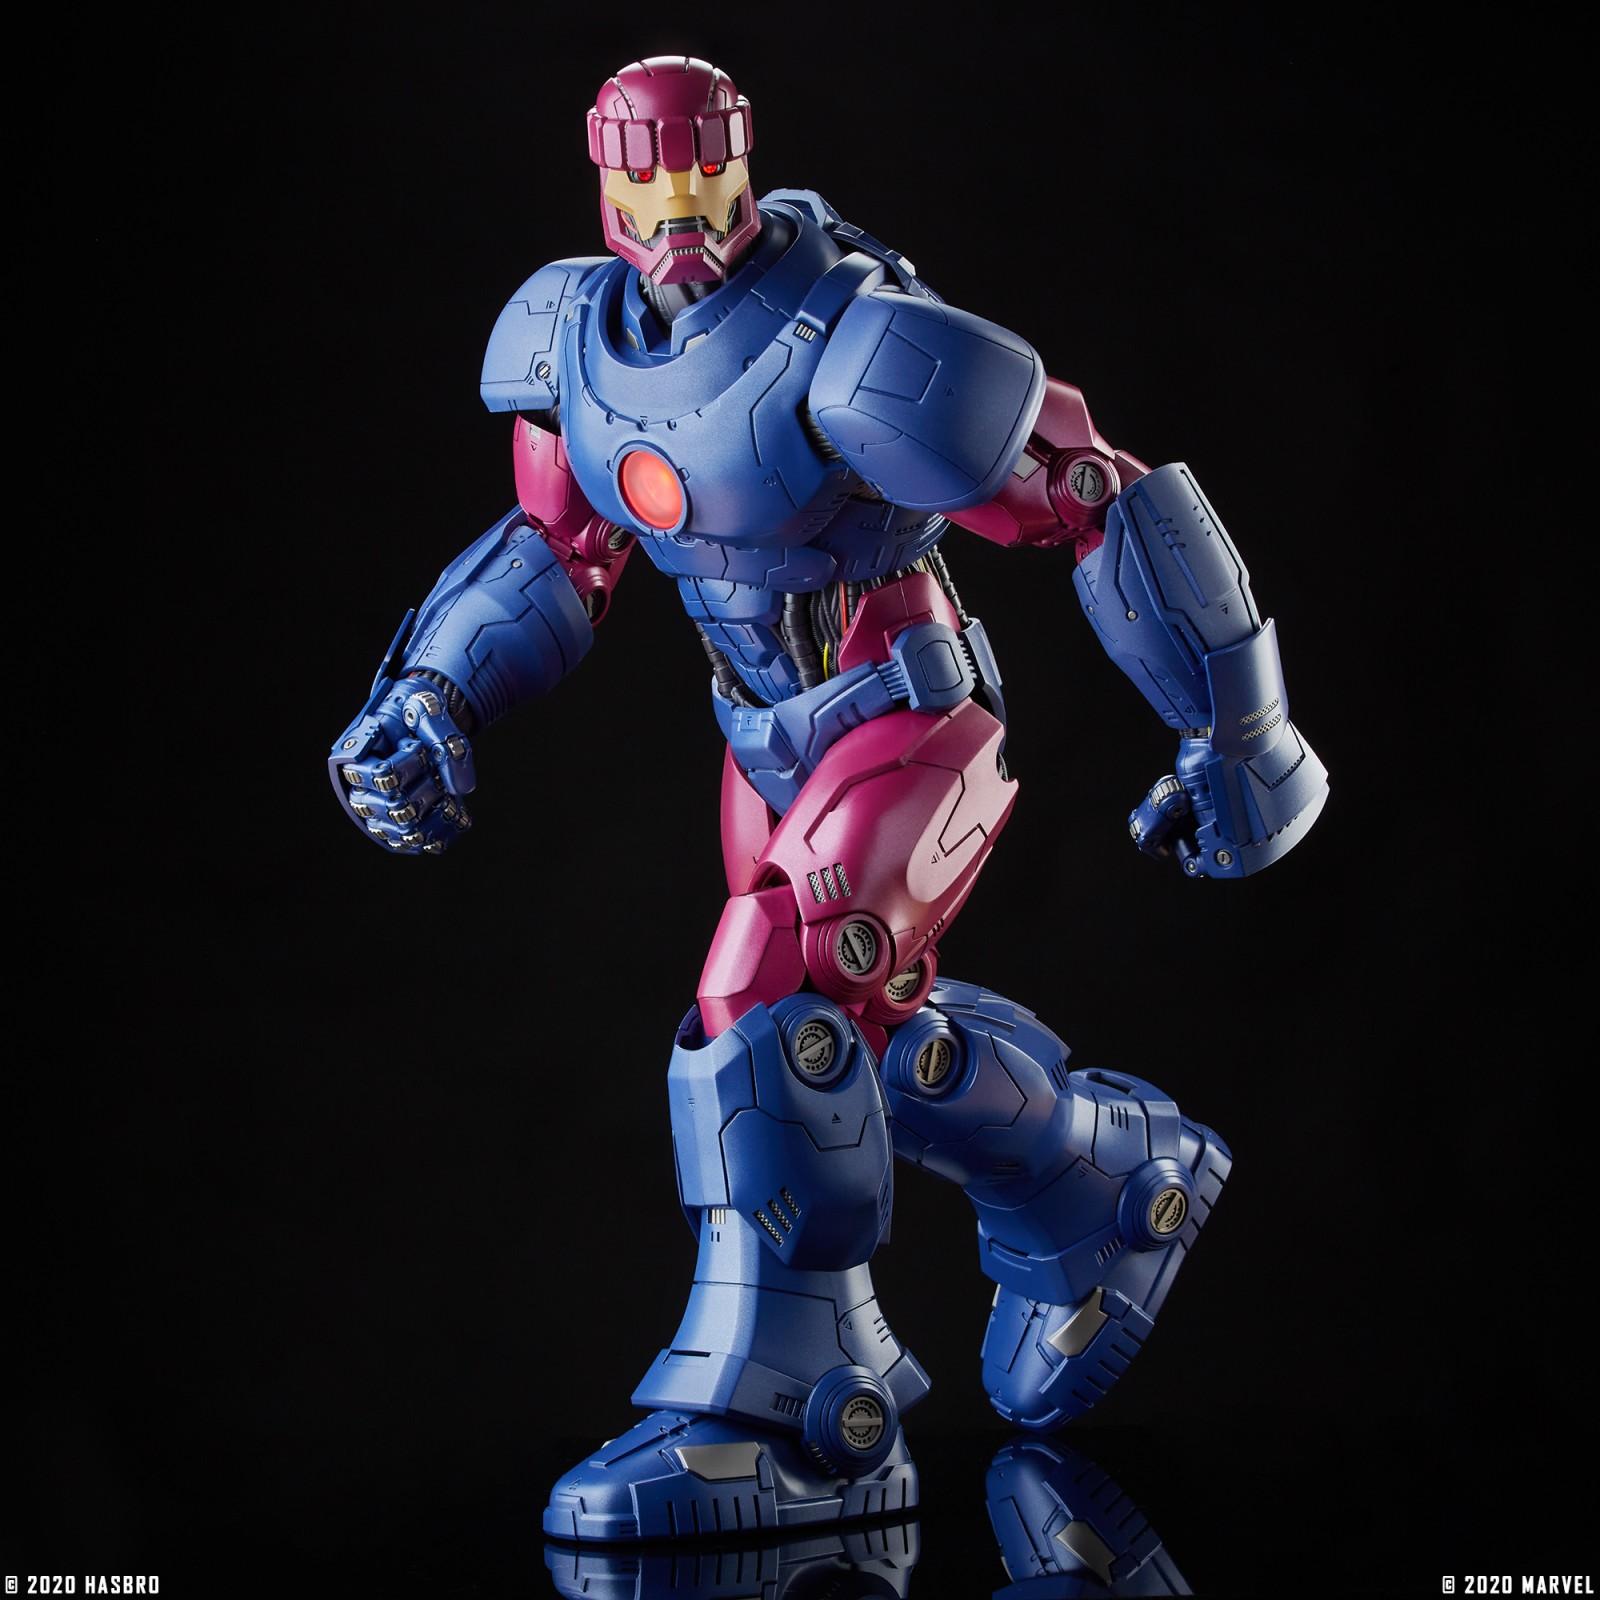 ¡Hasbro traerá el gigantesco Centinela de los X-Men a México! 8